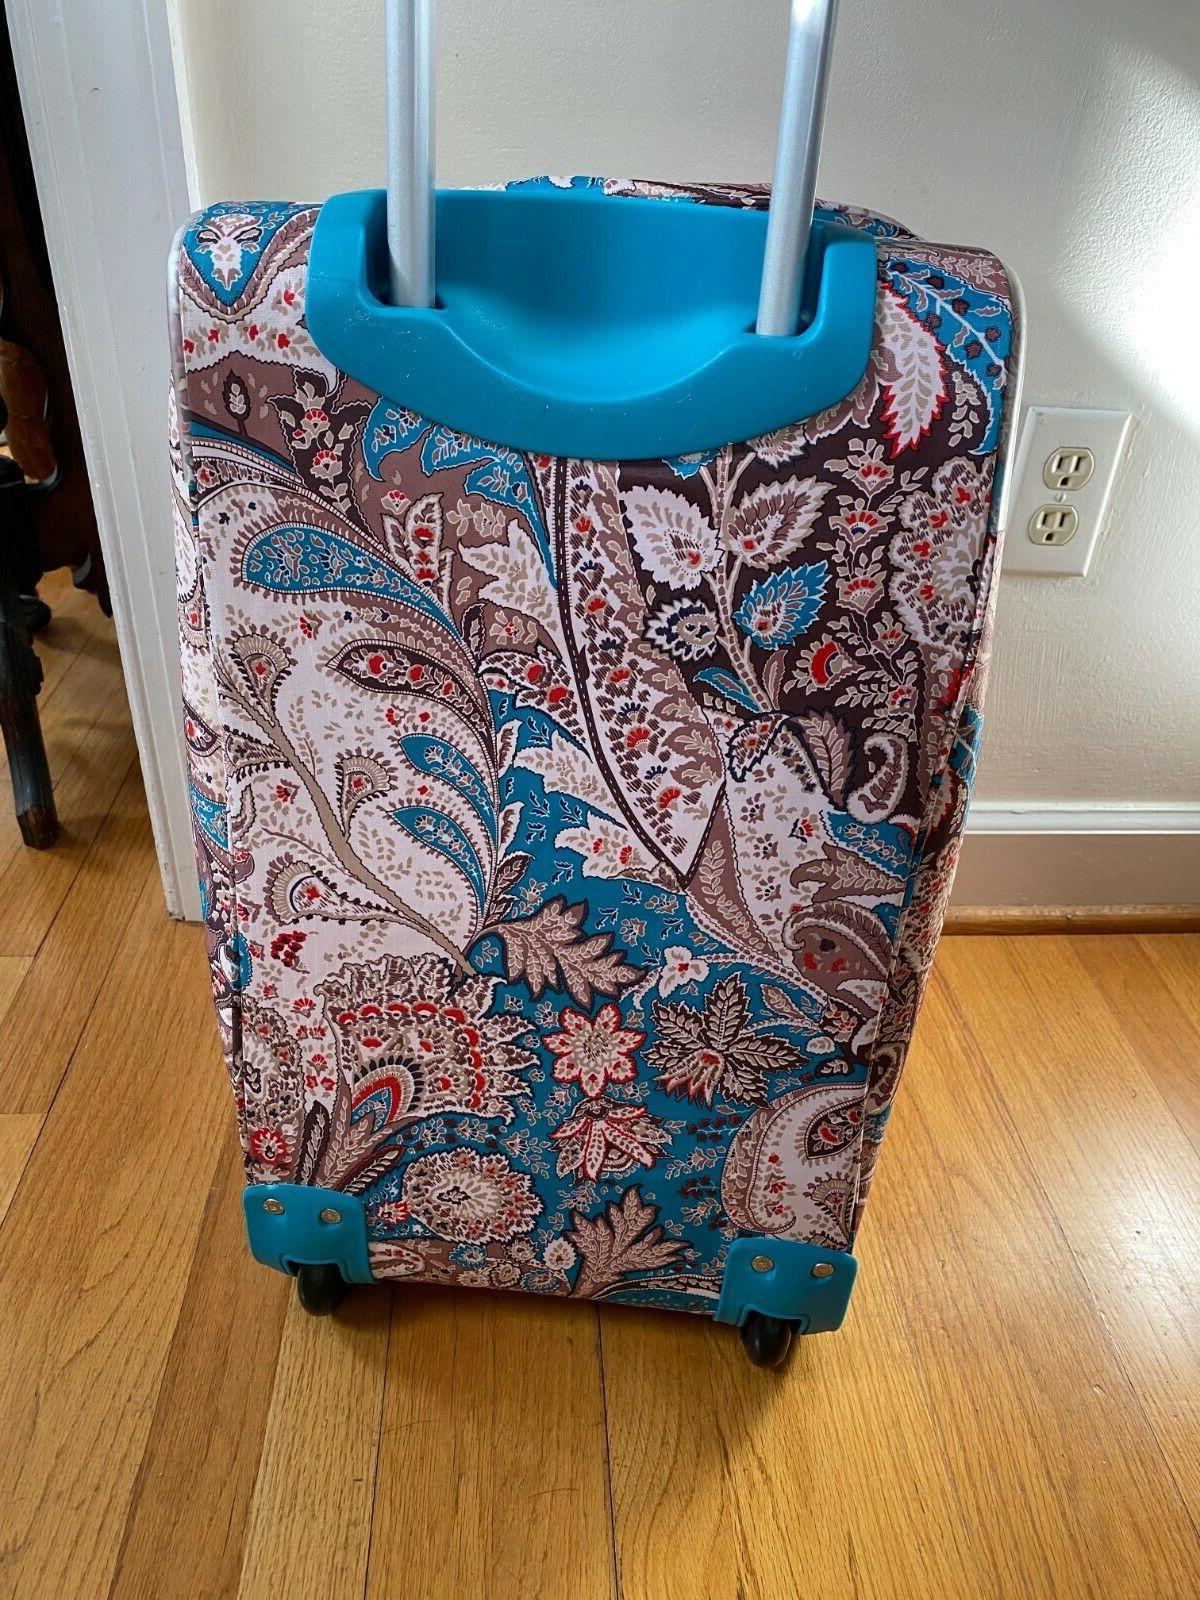 NWT Olympia On Bag Luggage Paisley